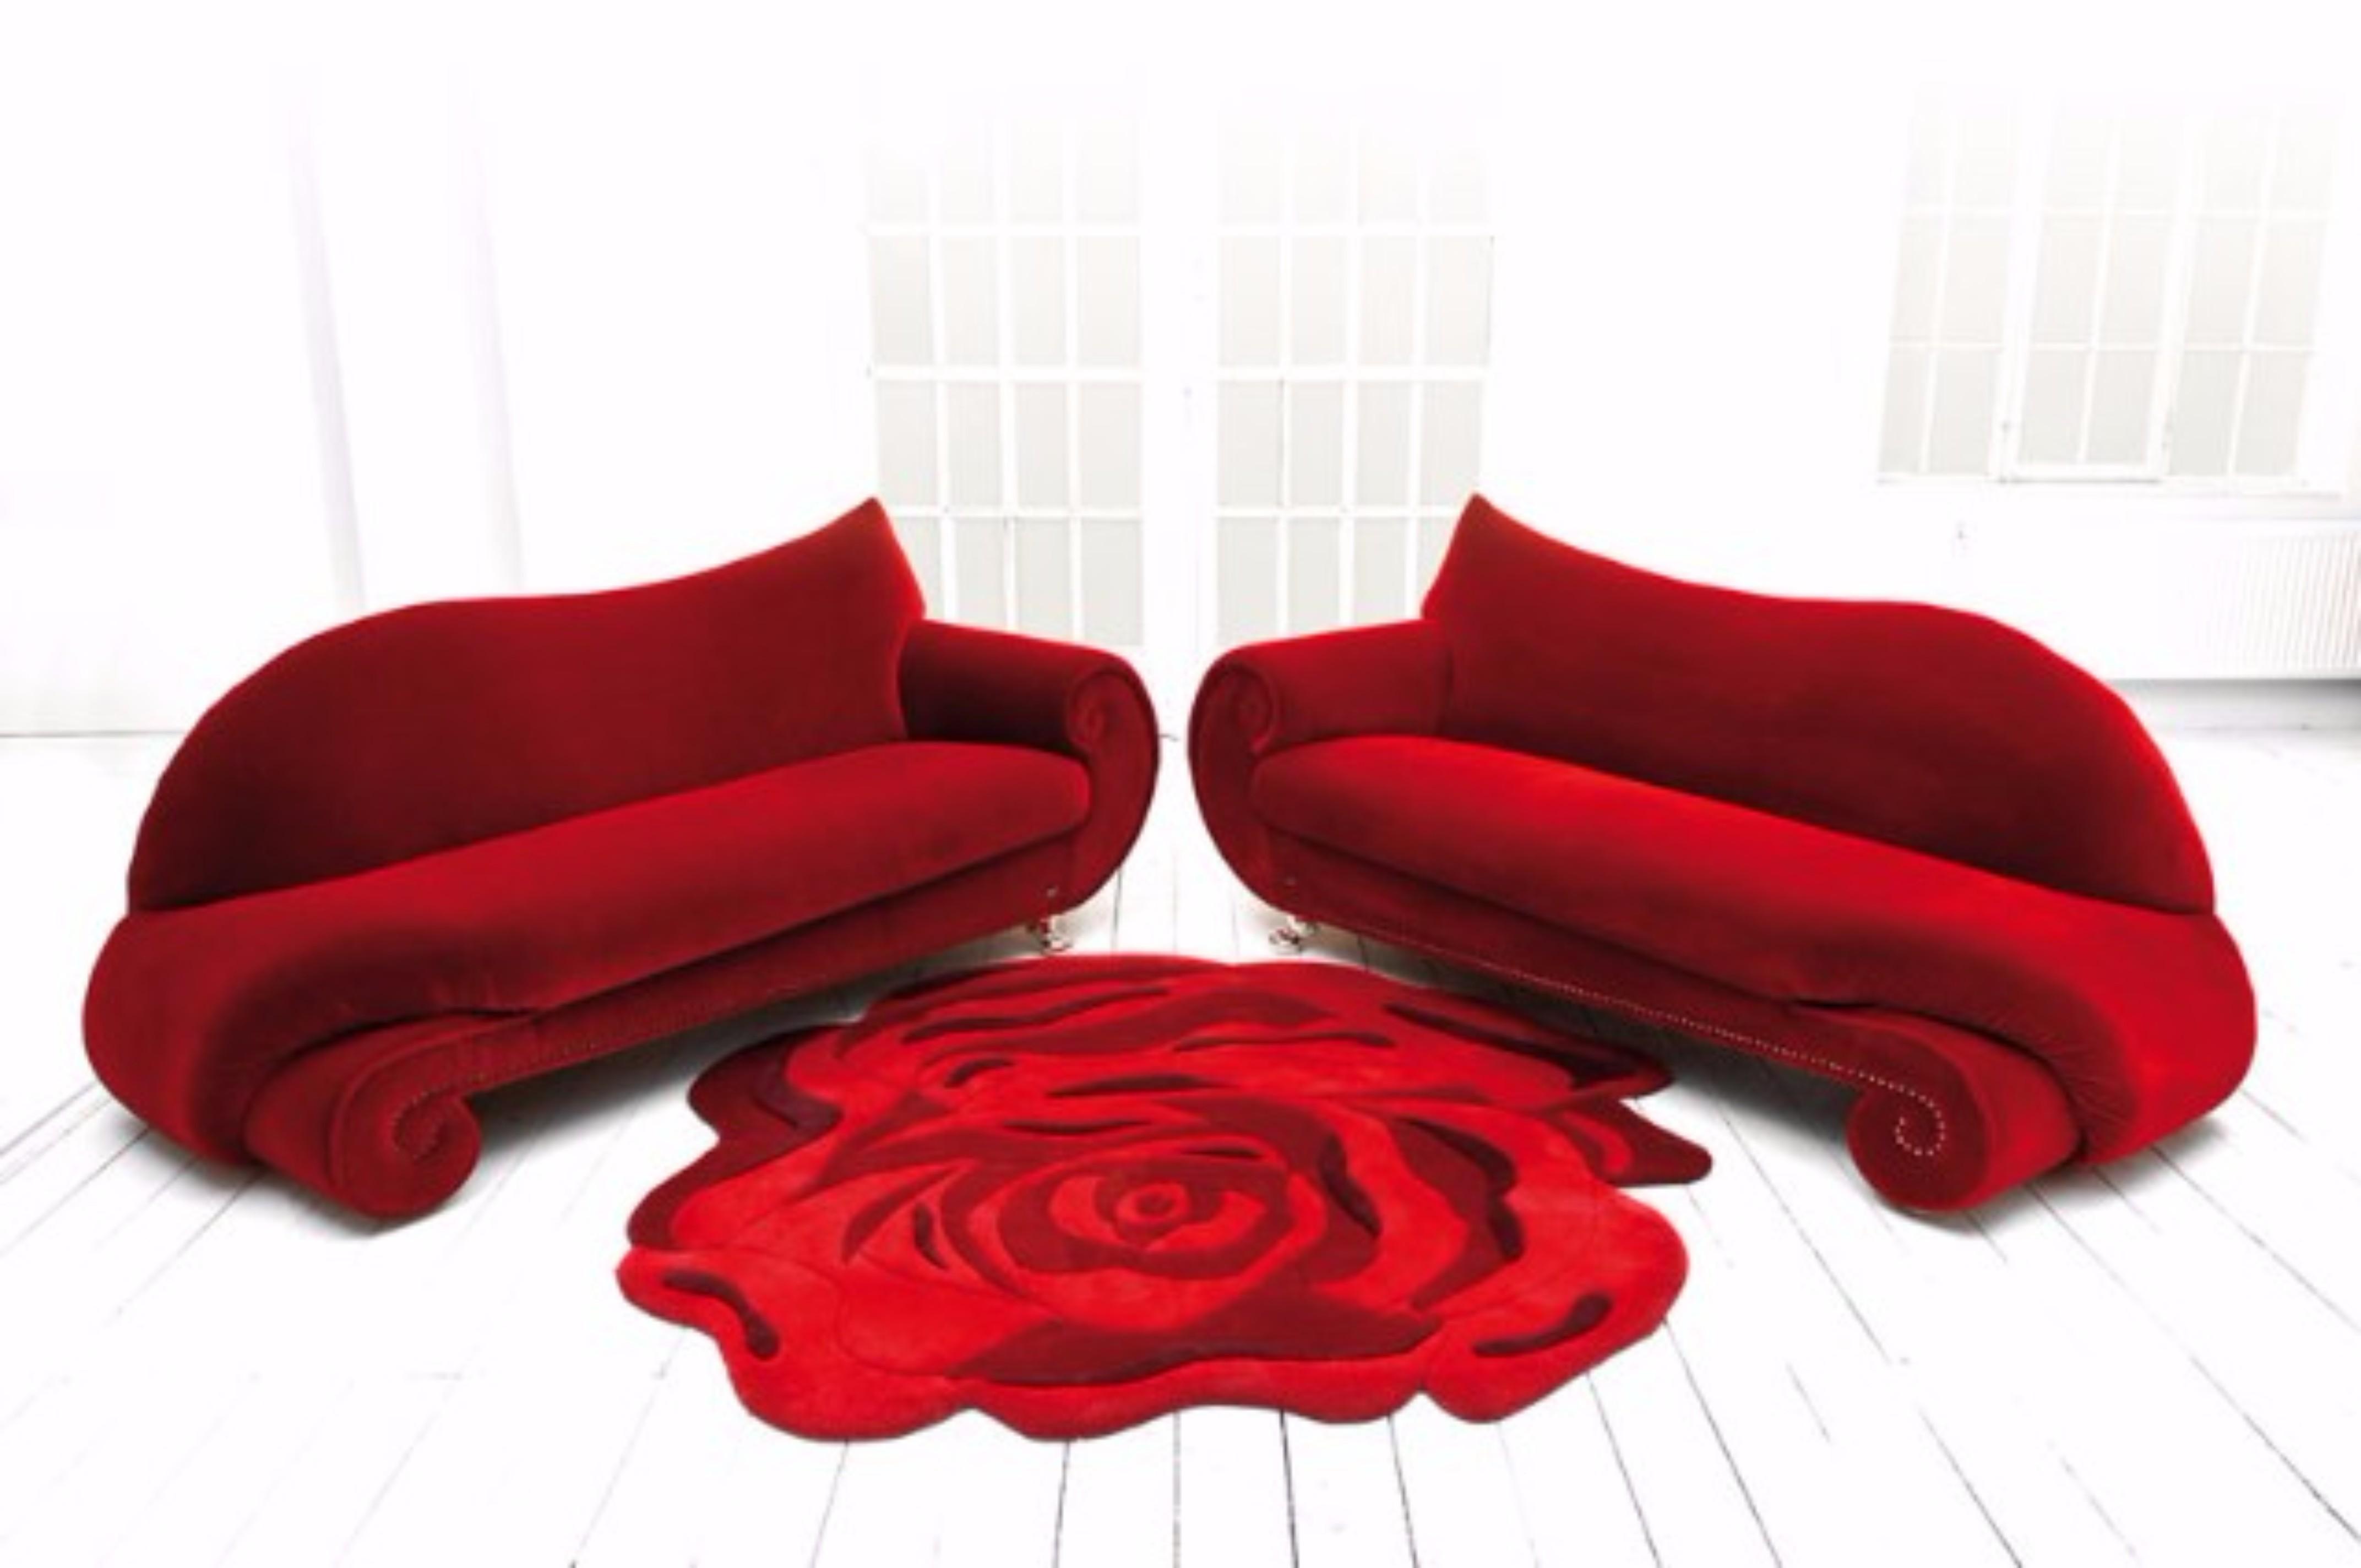 Famous Contemporary Rug Designers contemporary rug designers Famous Contemporary Rug Designers Bretz Gaudi Rose